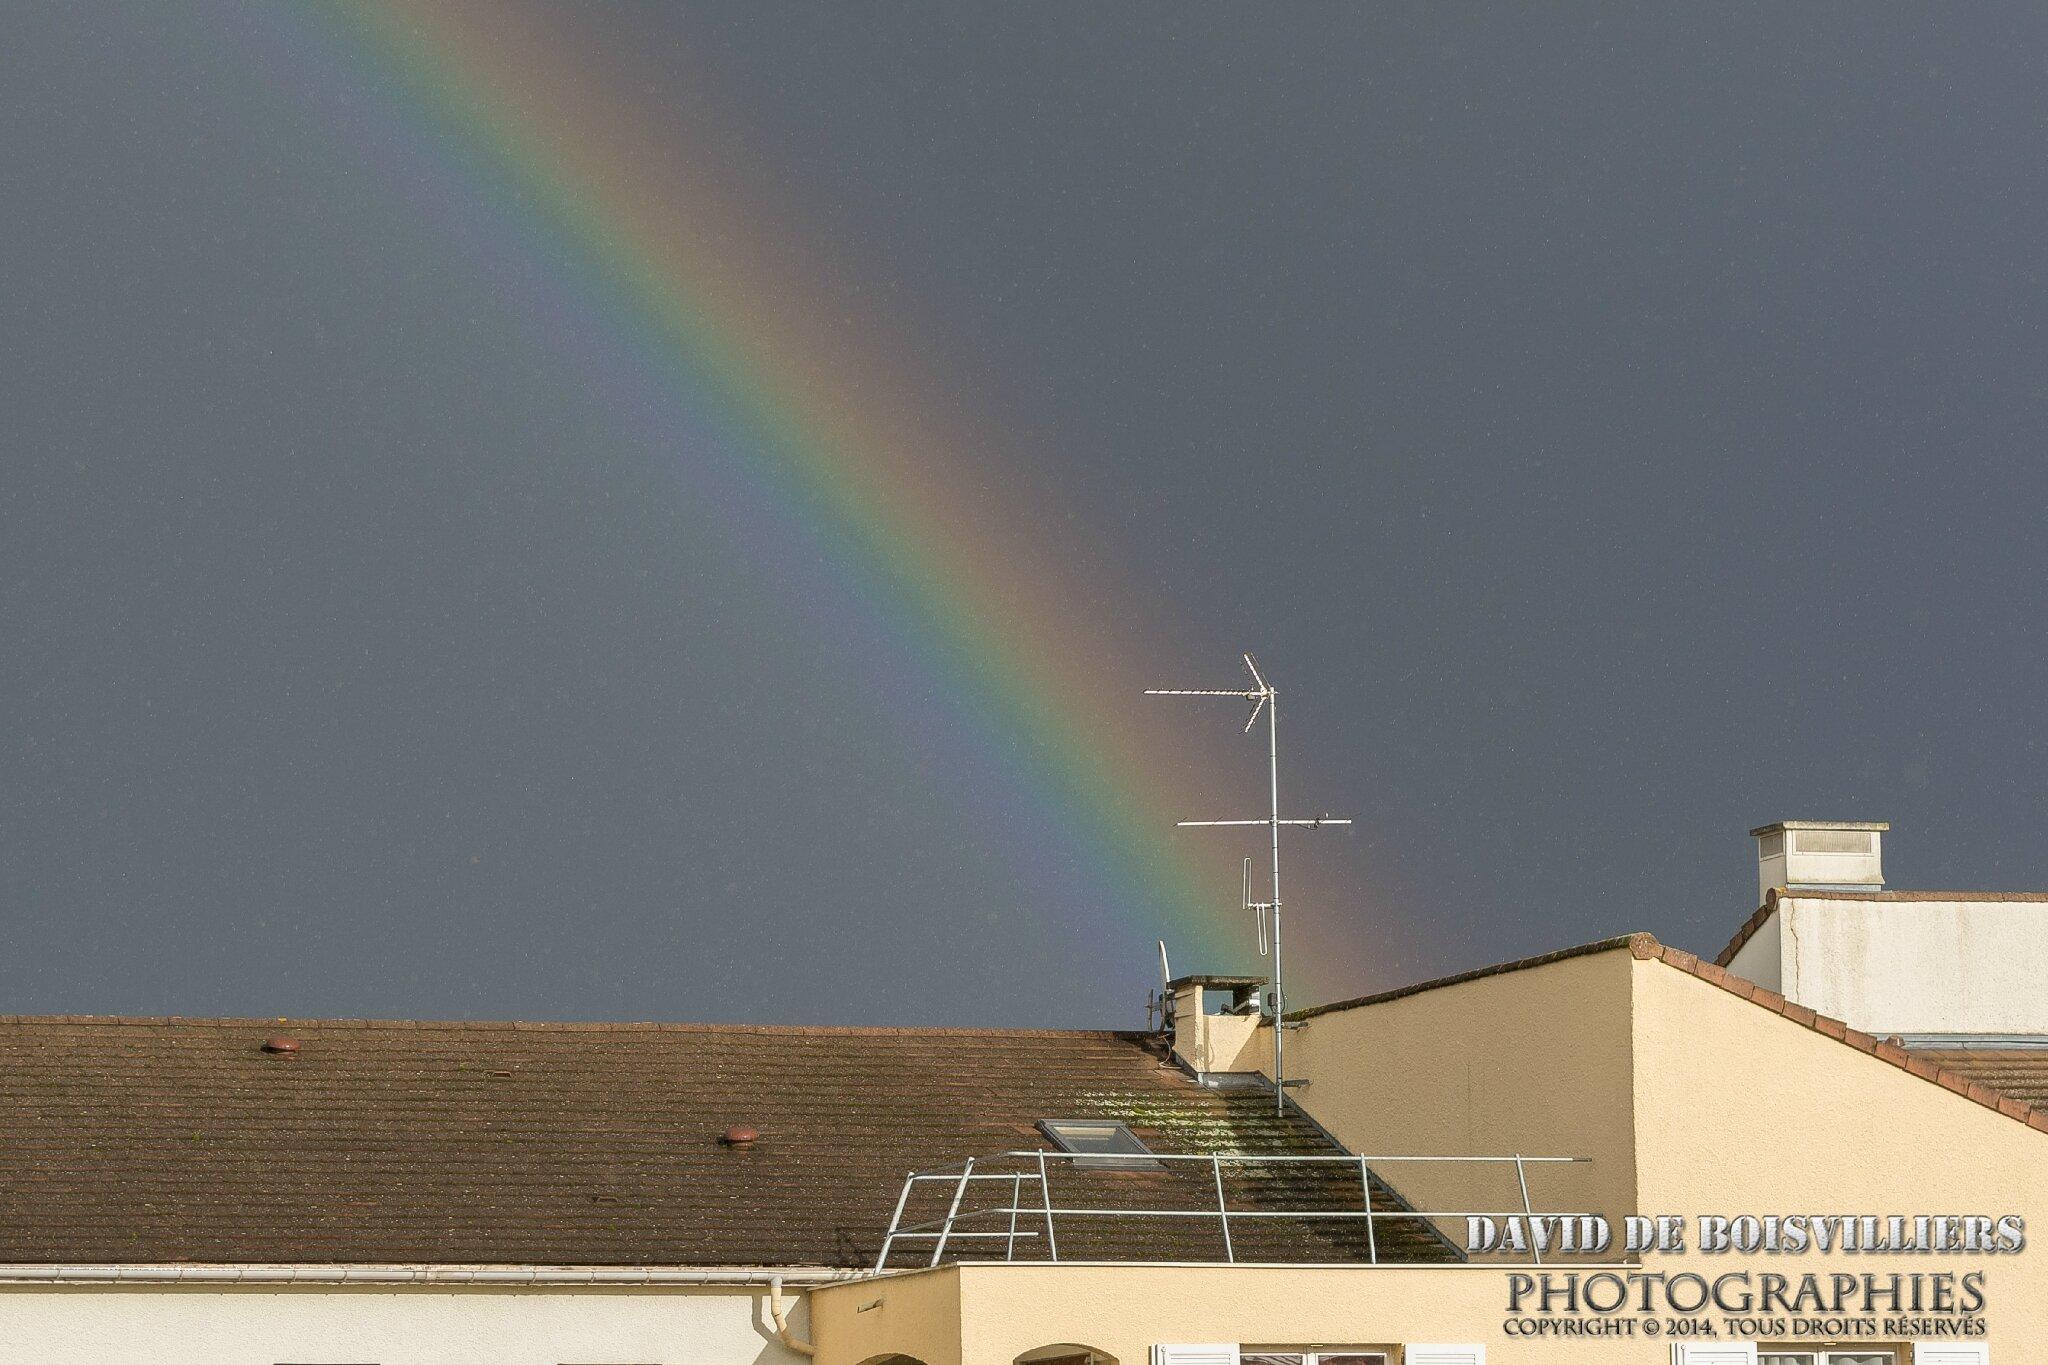 Arc-en-ciel sur Athis-Mons, quand la pluie et le soleil se rencontrent